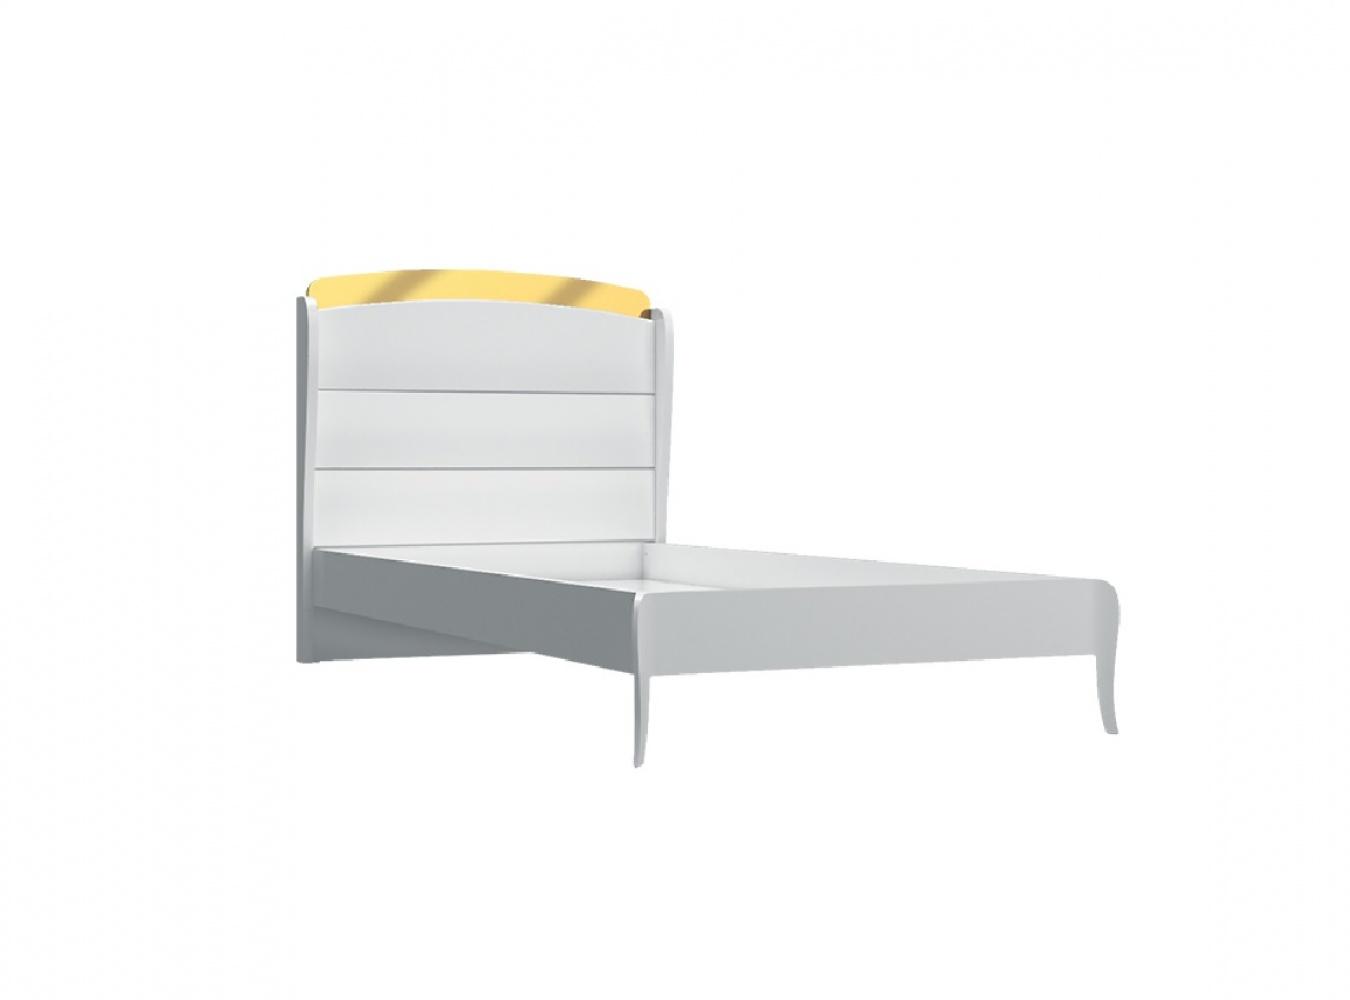 Almila Jugendbett Elegant White 100x200